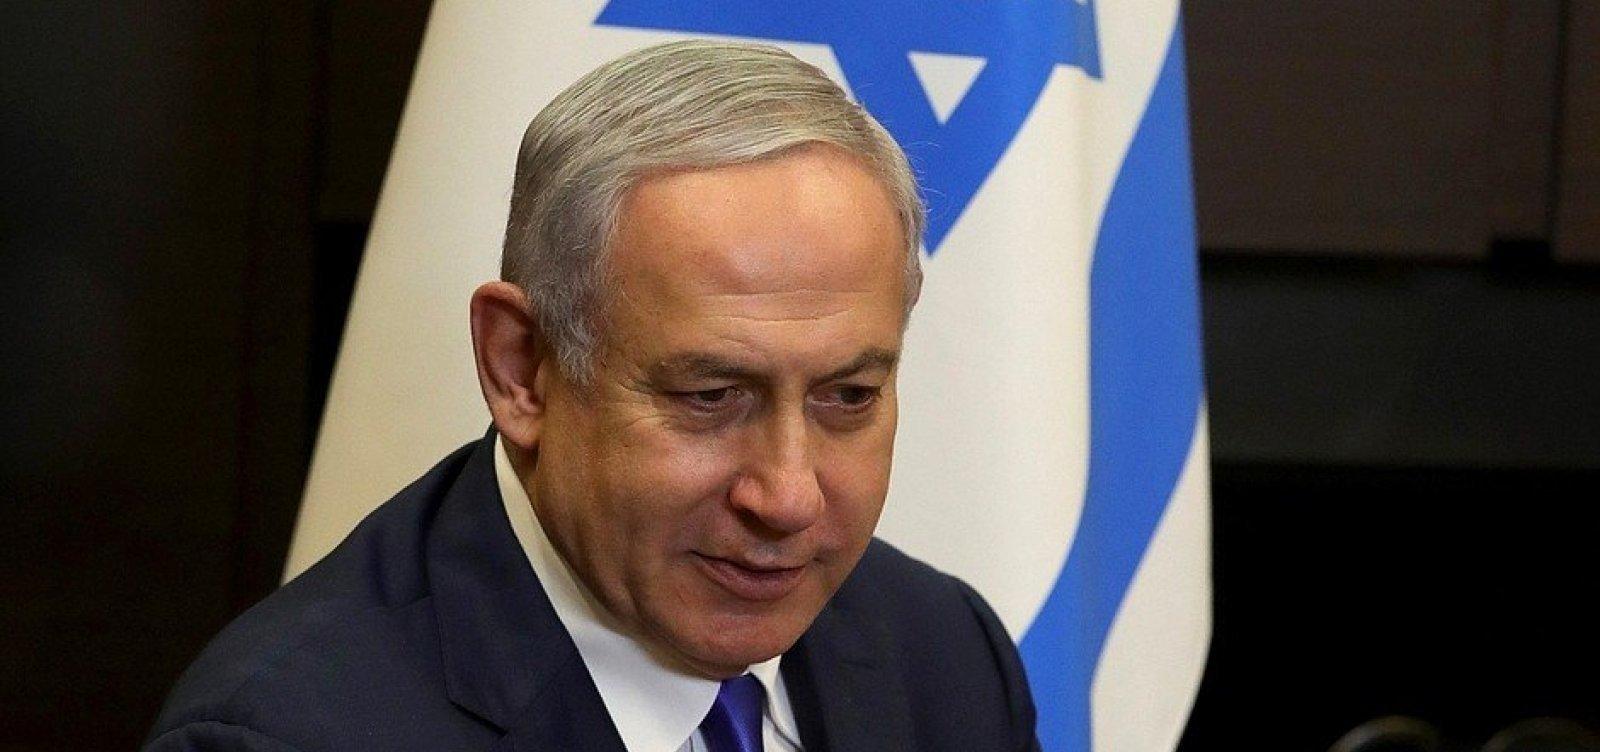 Primeiro-ministro de Israel recebe a 2ª dose de vacina contra a Covid-19